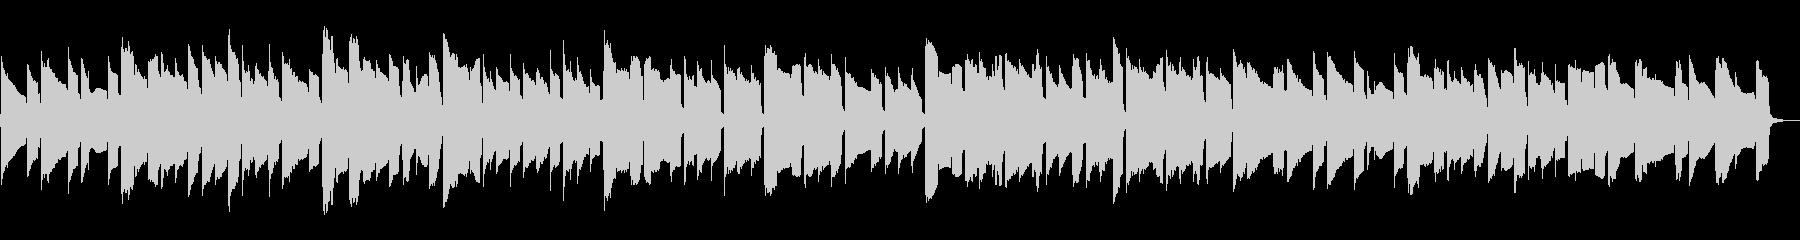 角笛をイメージしたオカリナの未再生の波形